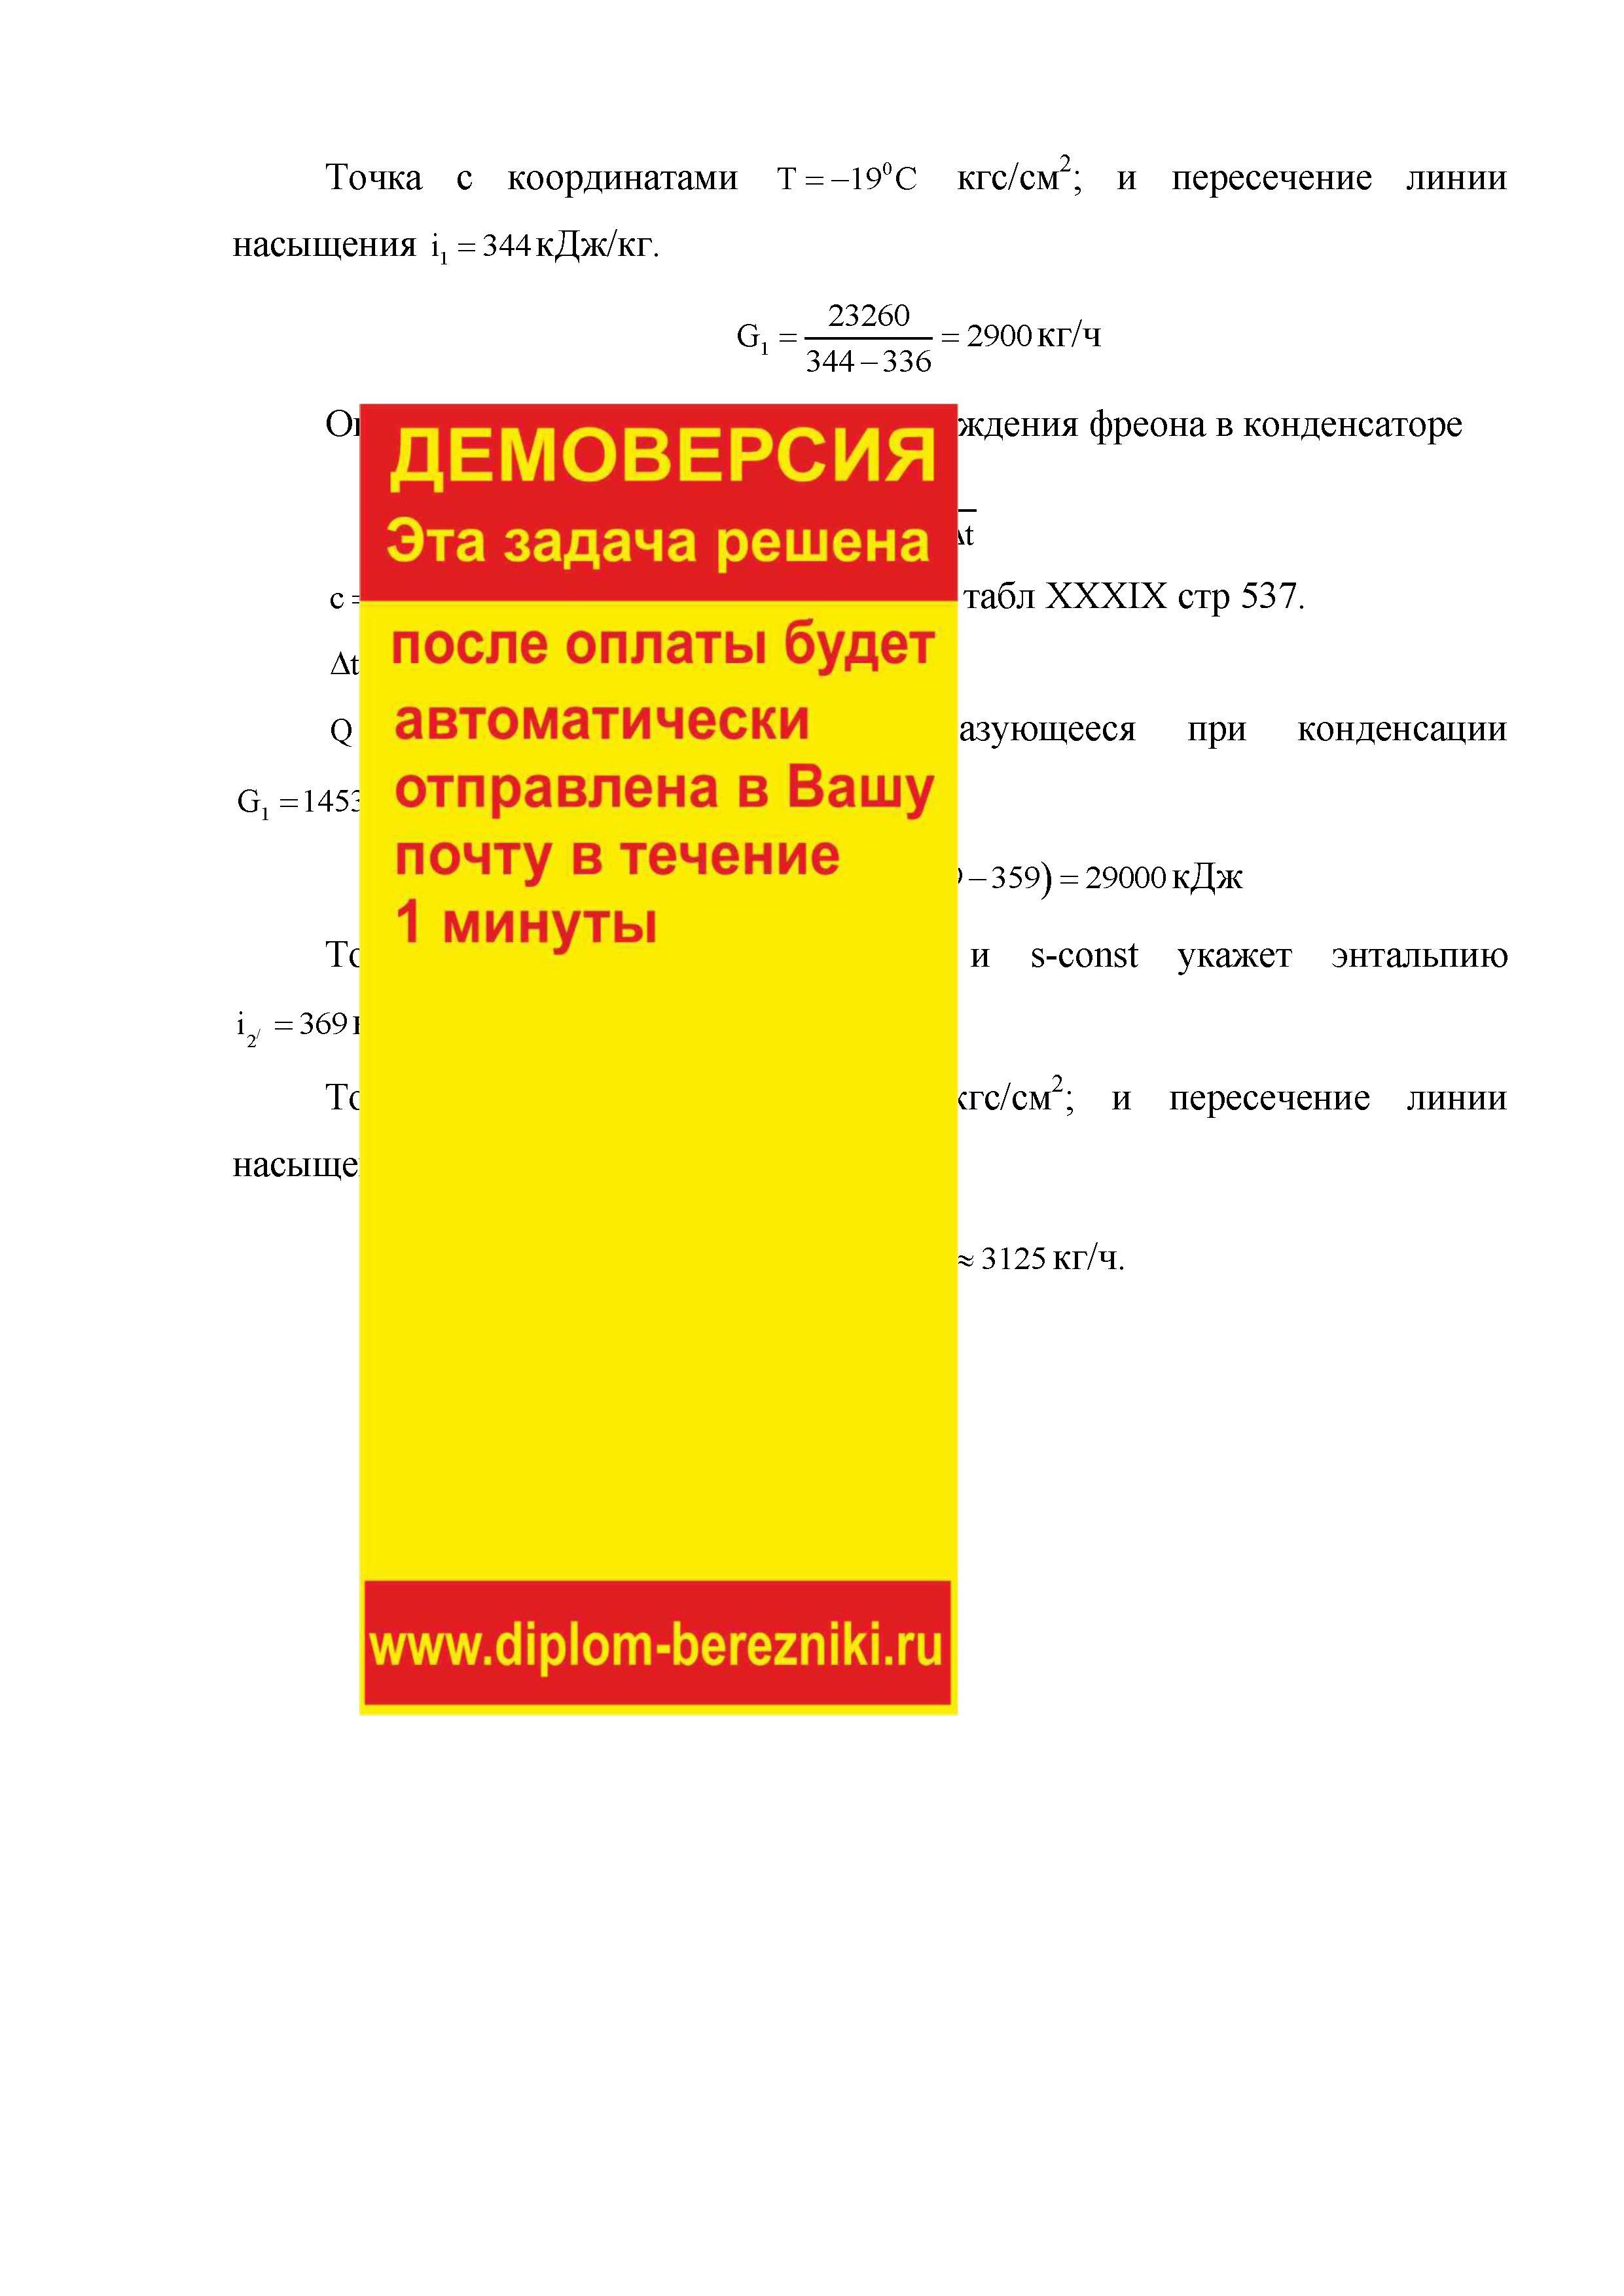 Решение задачи 11.14  по ПАХТ из задачника Павлова Романкова Носкова